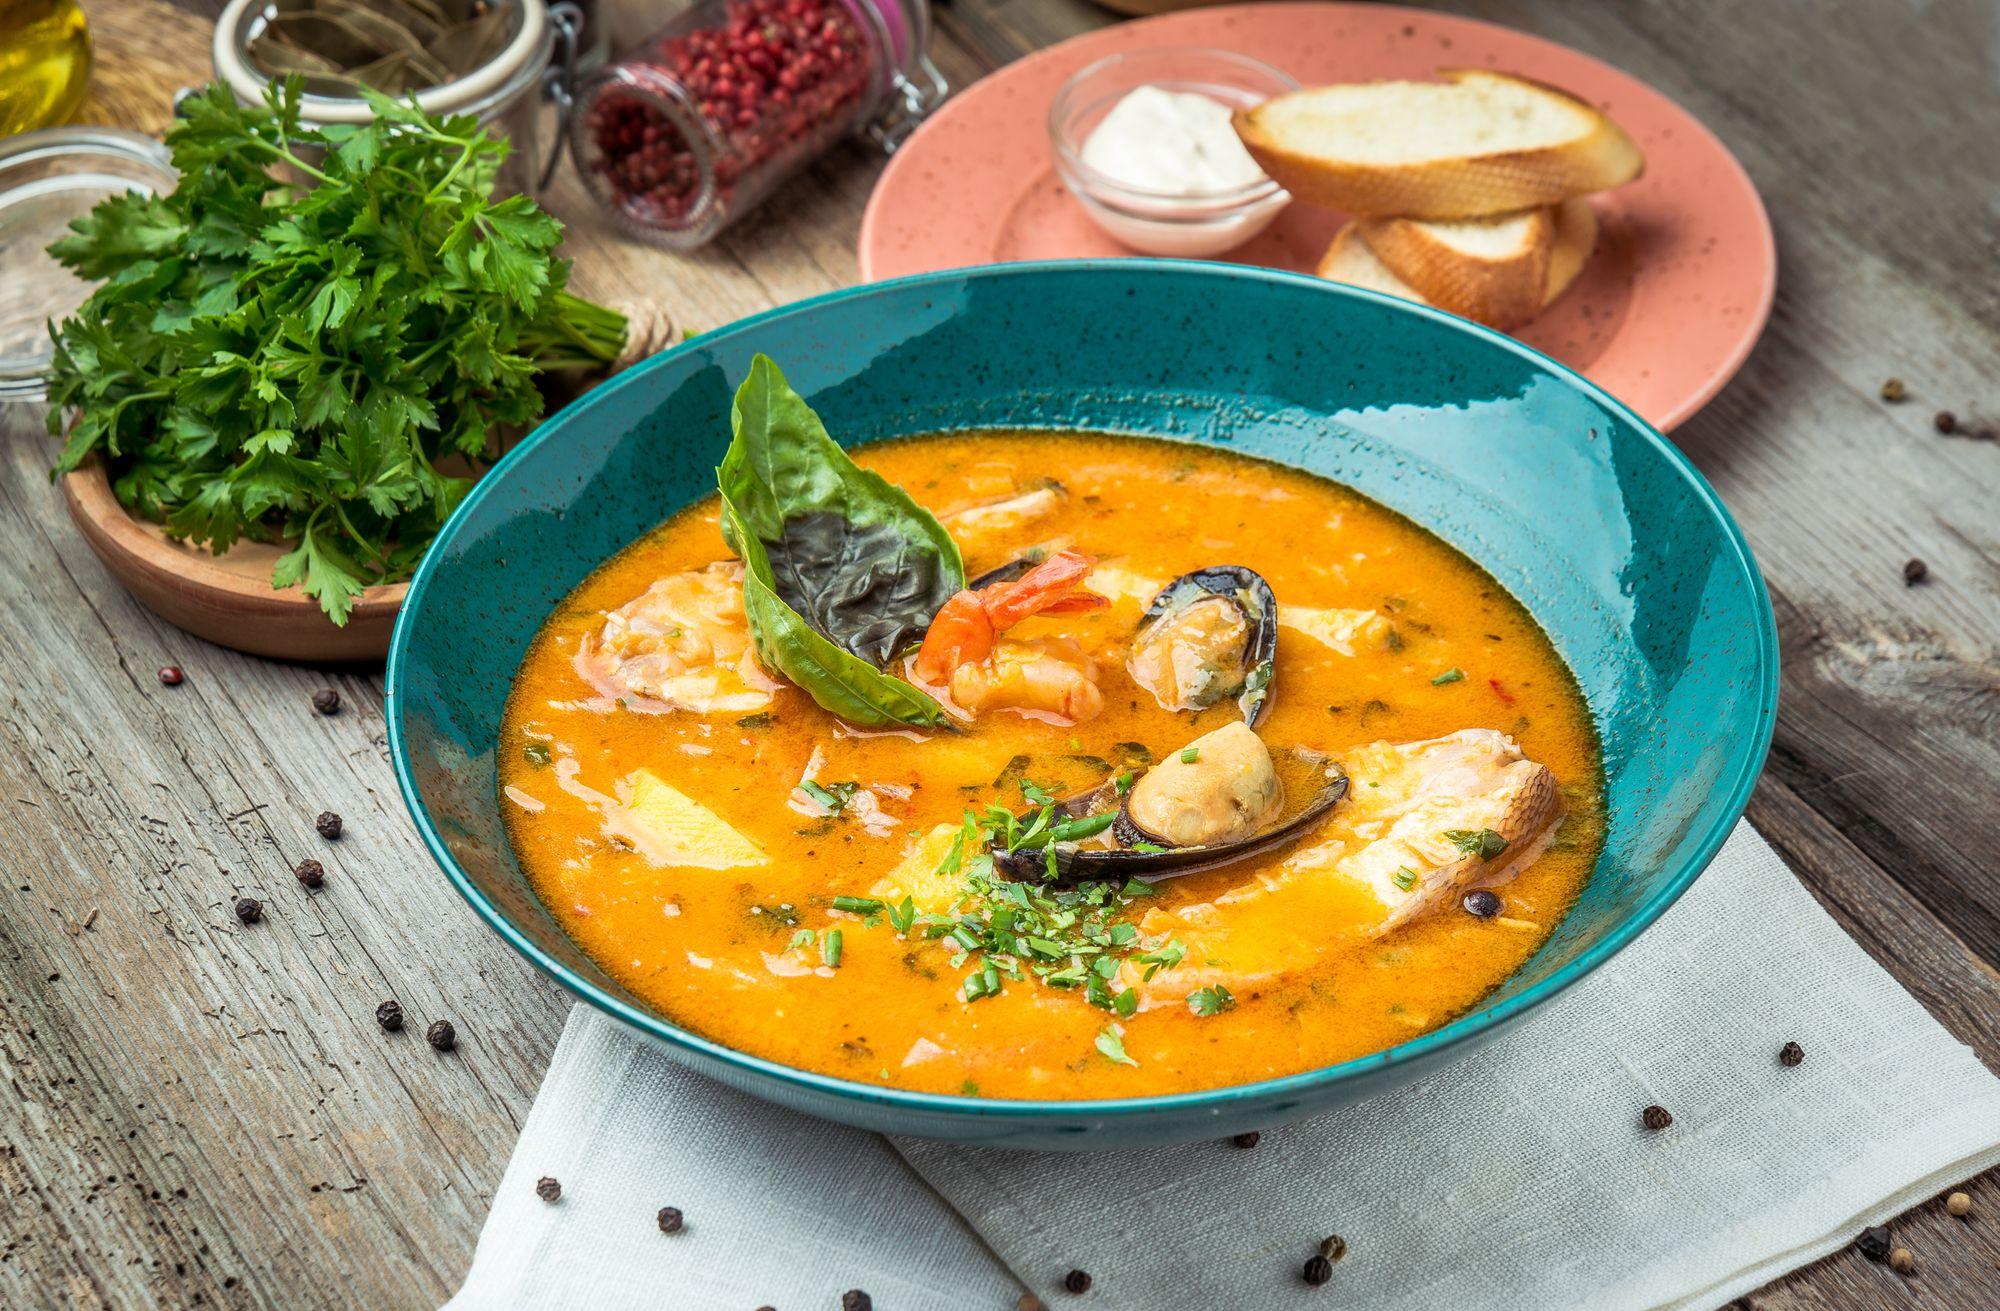 Il est facile de trouver une gastronomie variée et pour toutes les occasions autour de Marseille